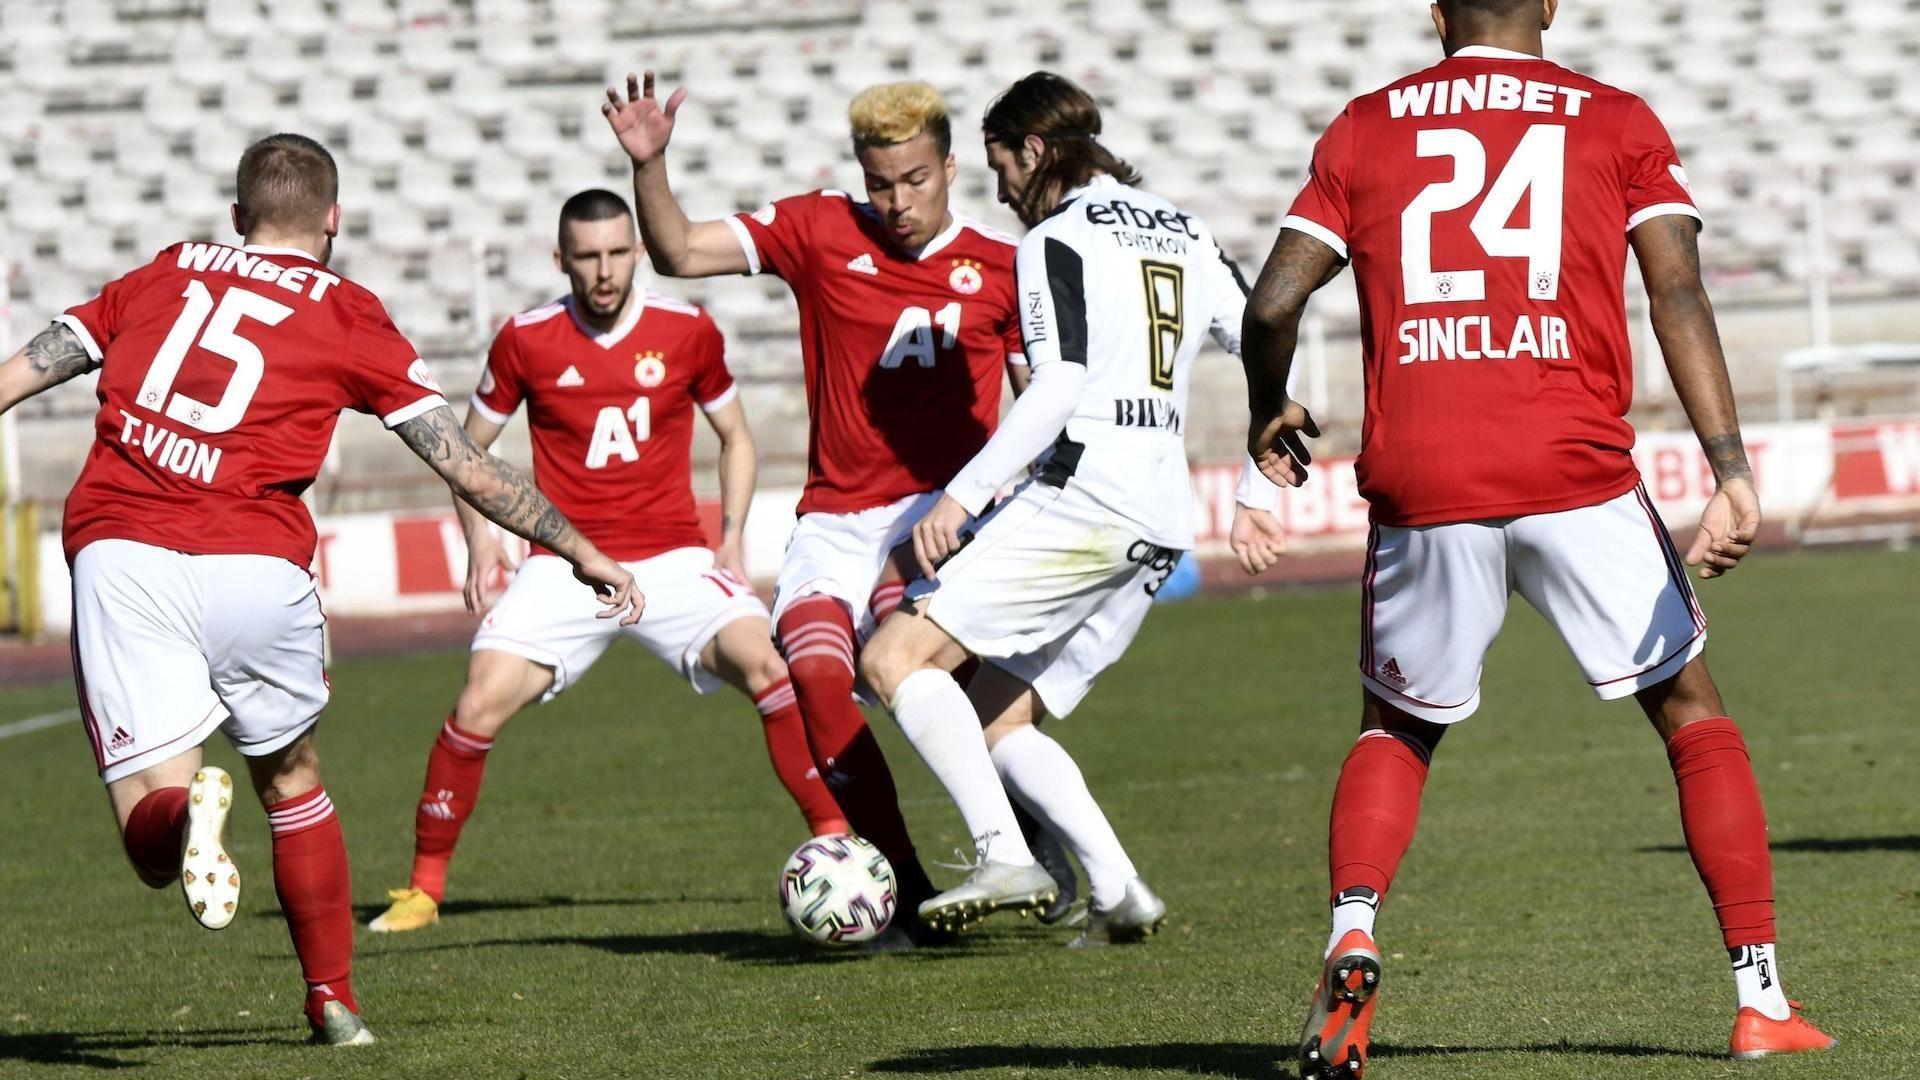 ЦСКА спечели последната си контрола, привлечен вчера дебютира с гол